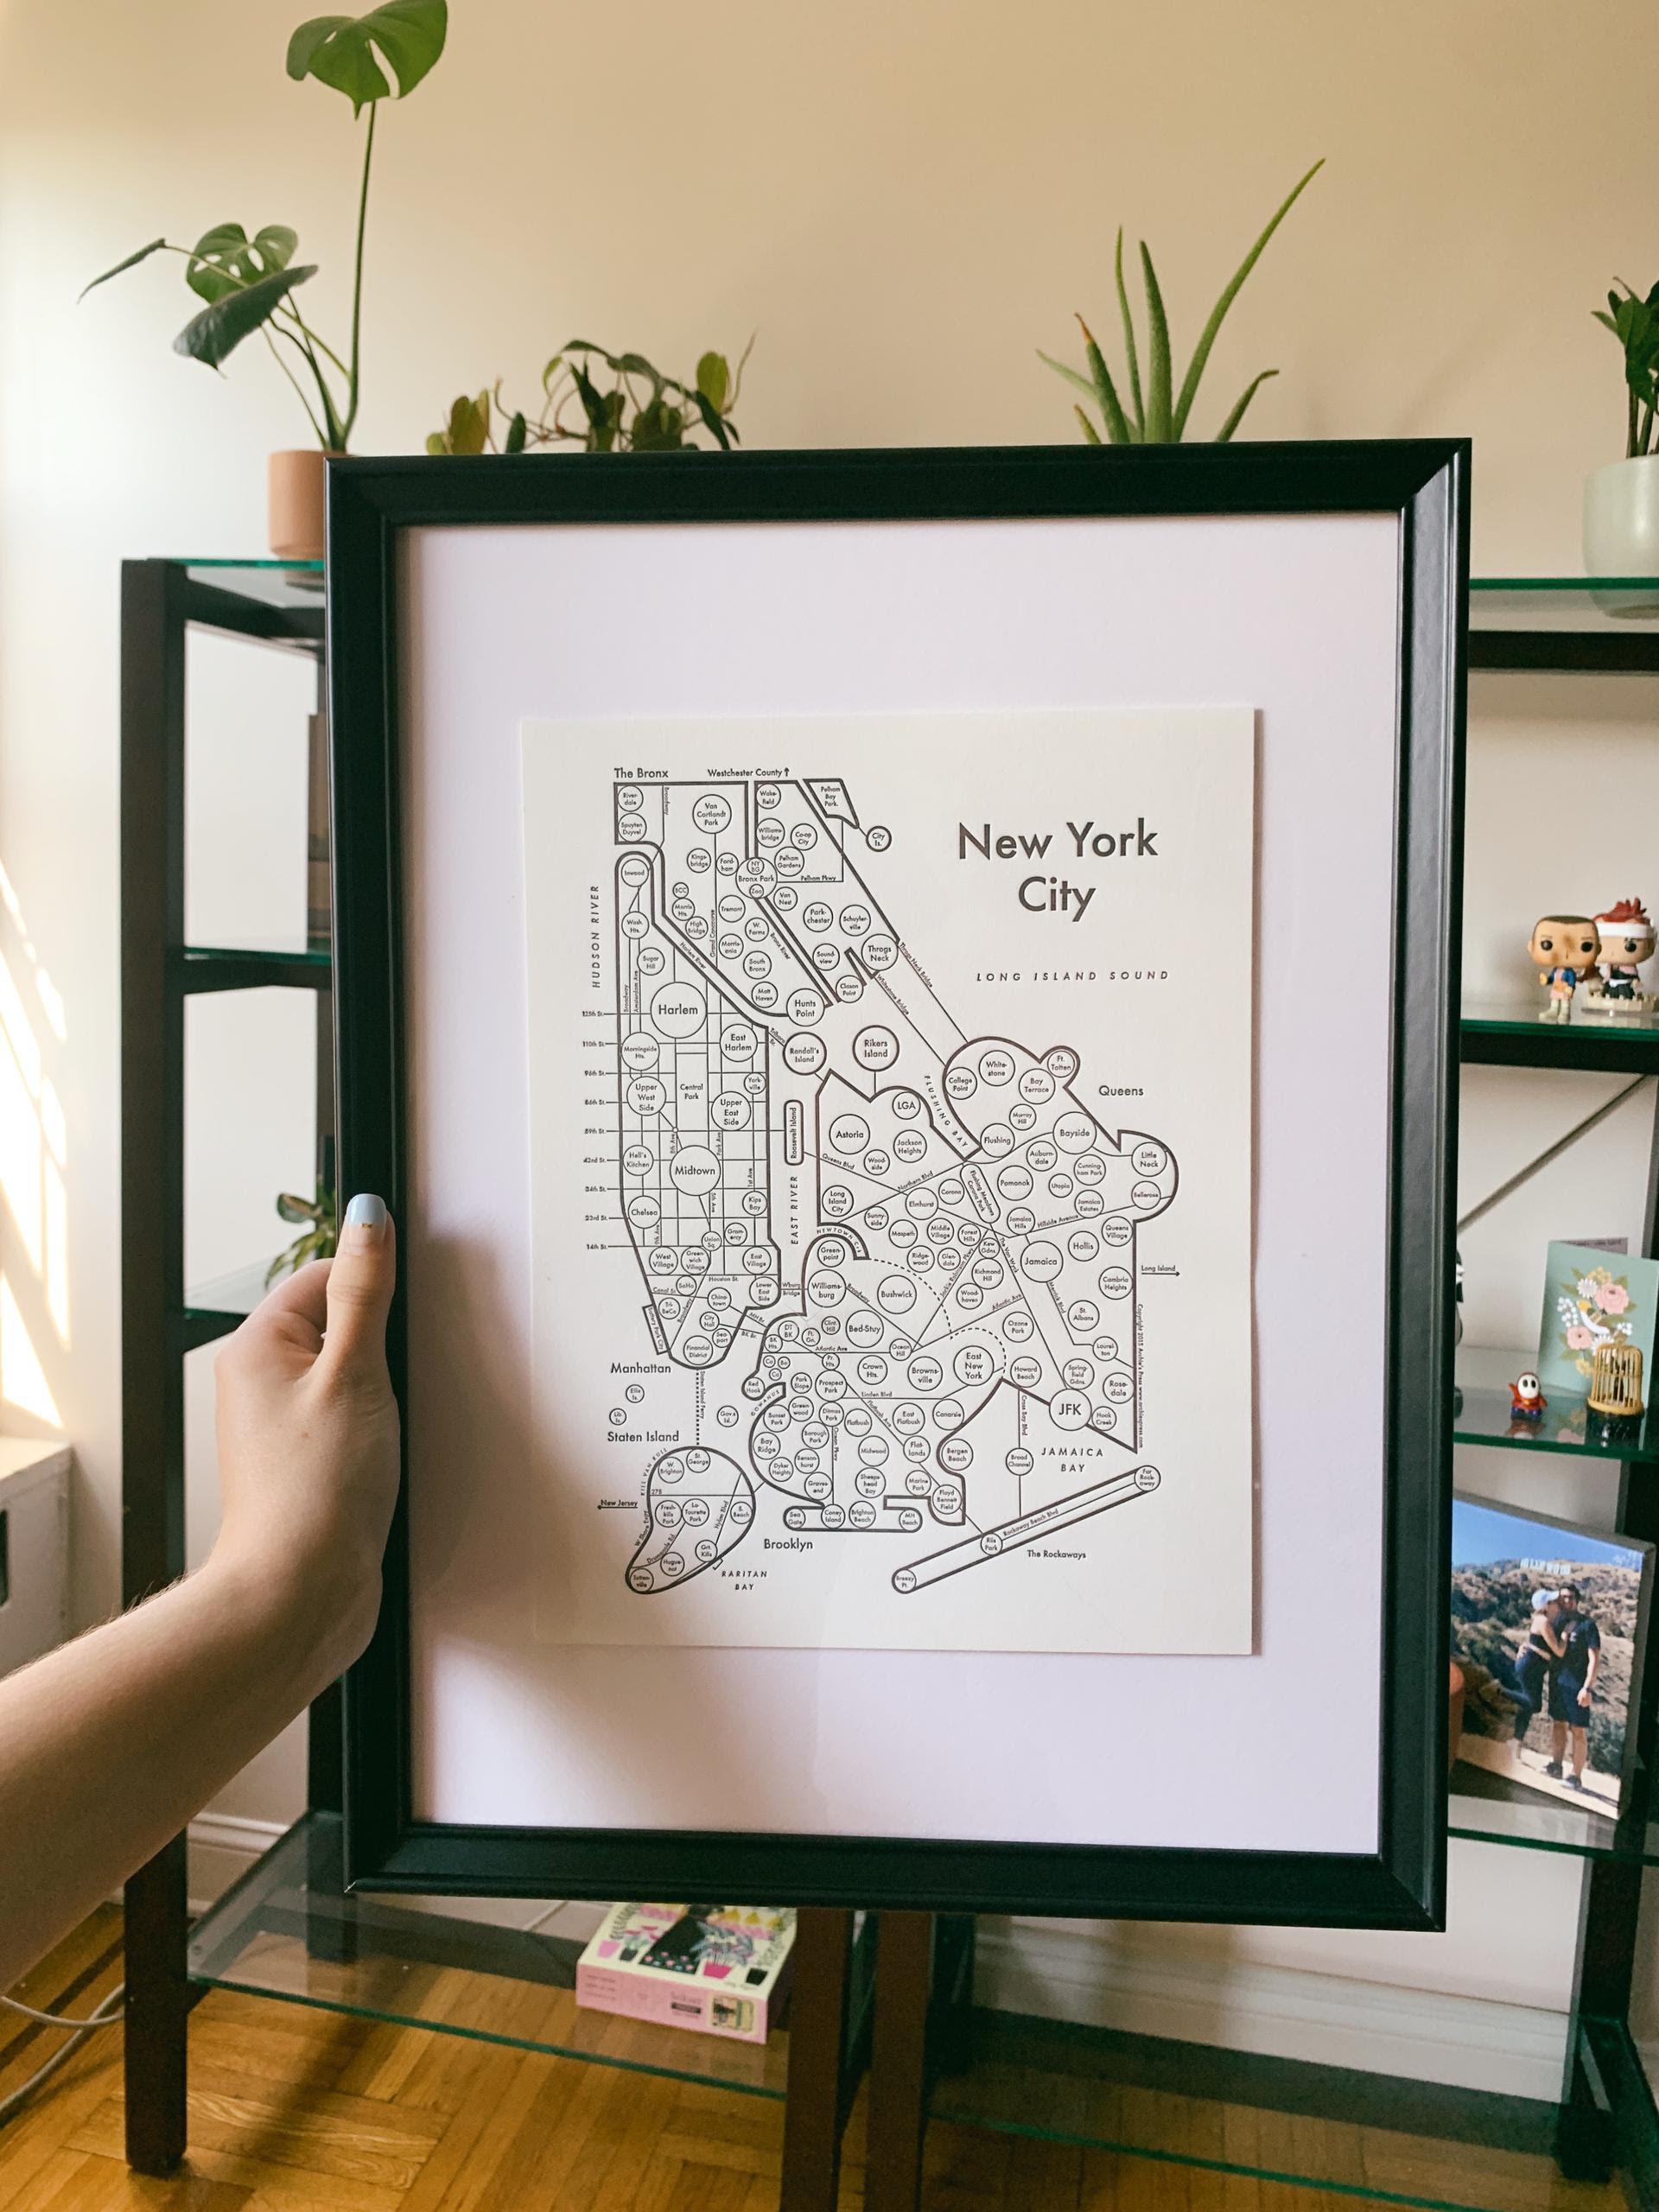 framed map of new york city